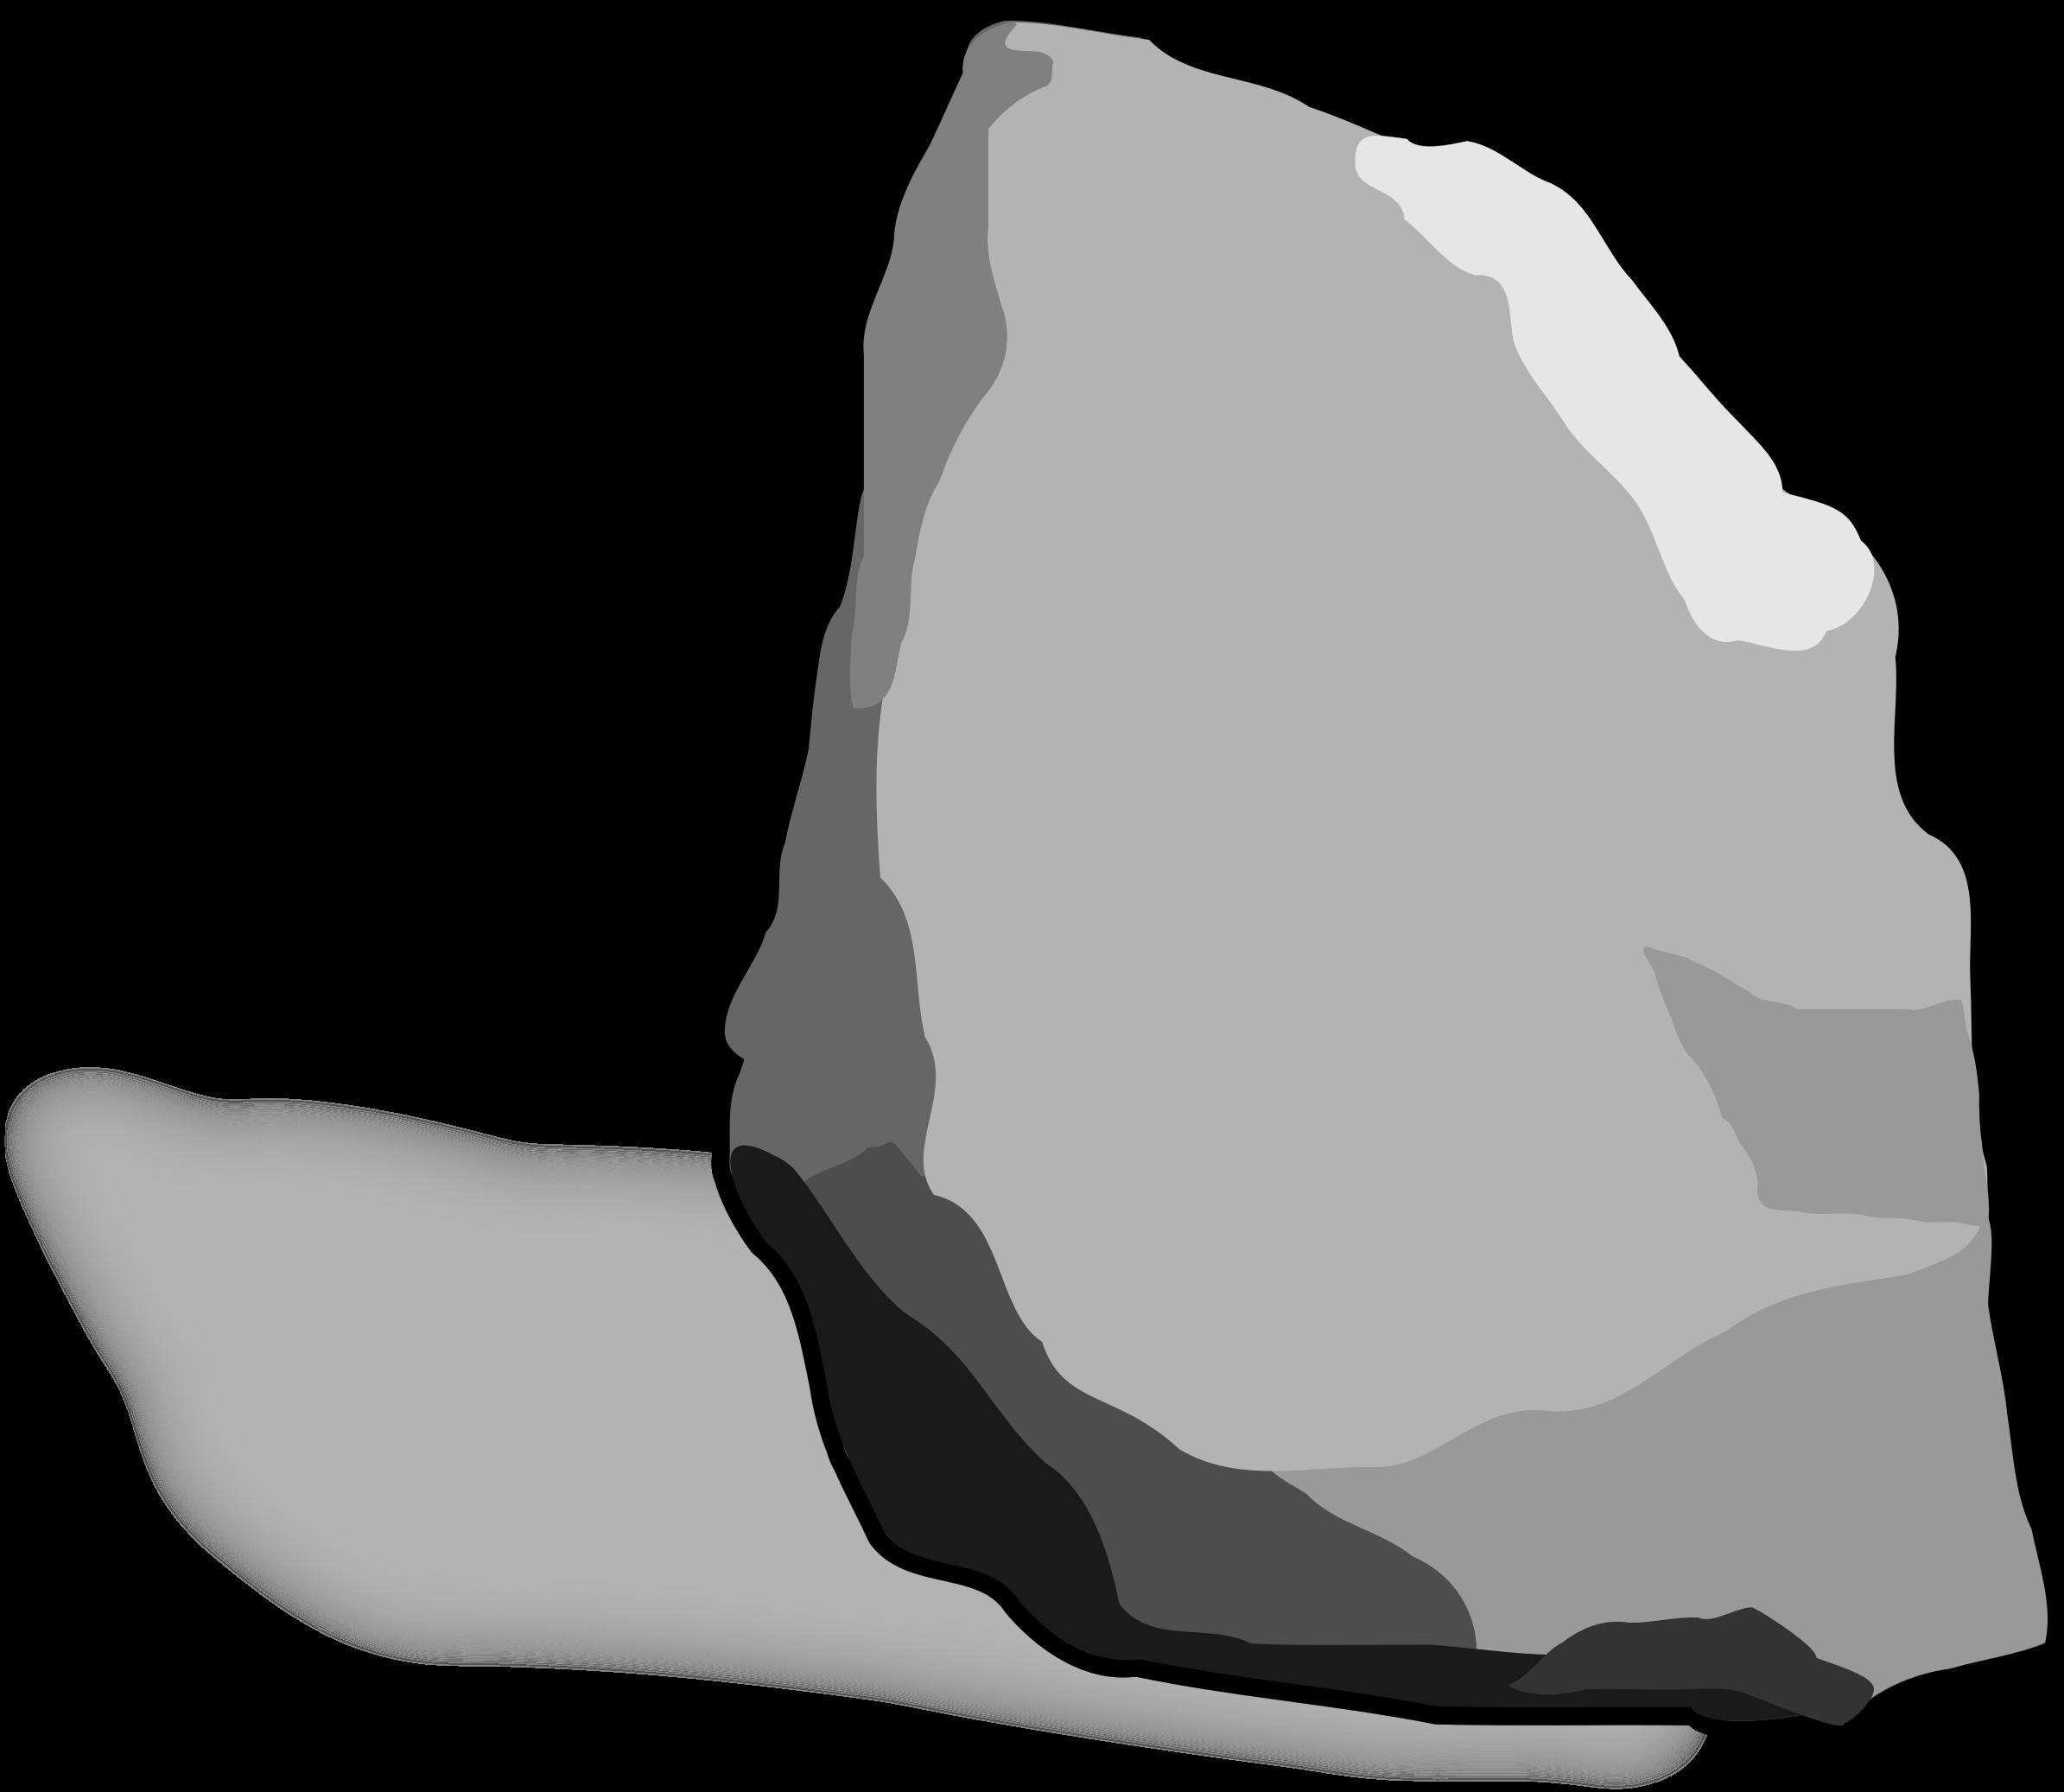 Big Rock Clip Art.